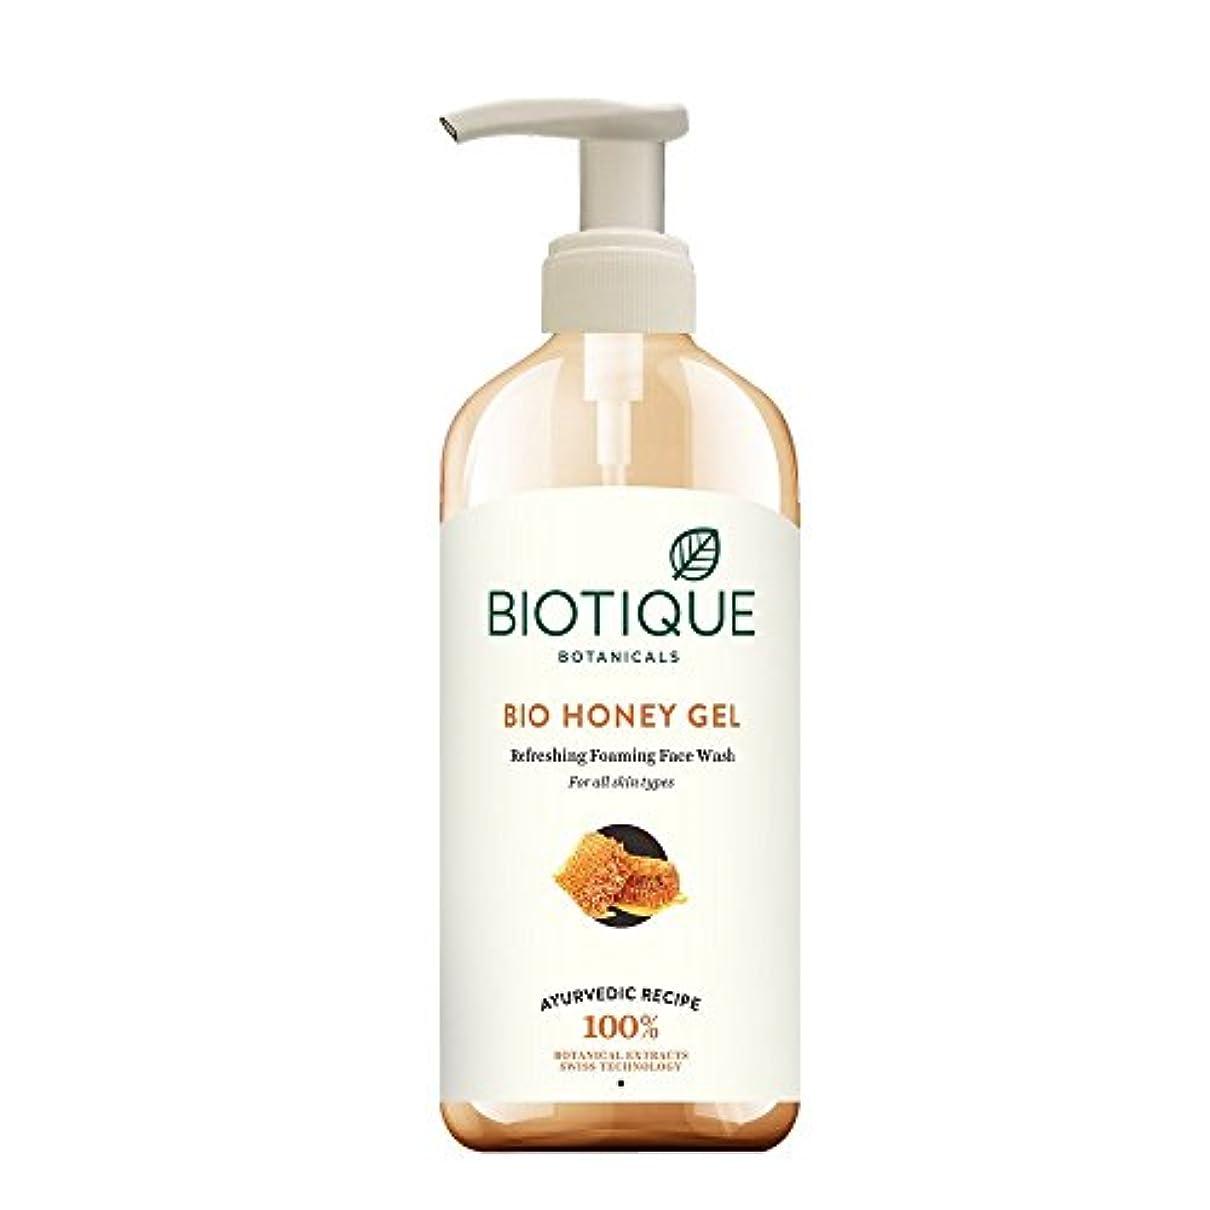 ログ容疑者技術的なBiotique Honey Gel Face Wash